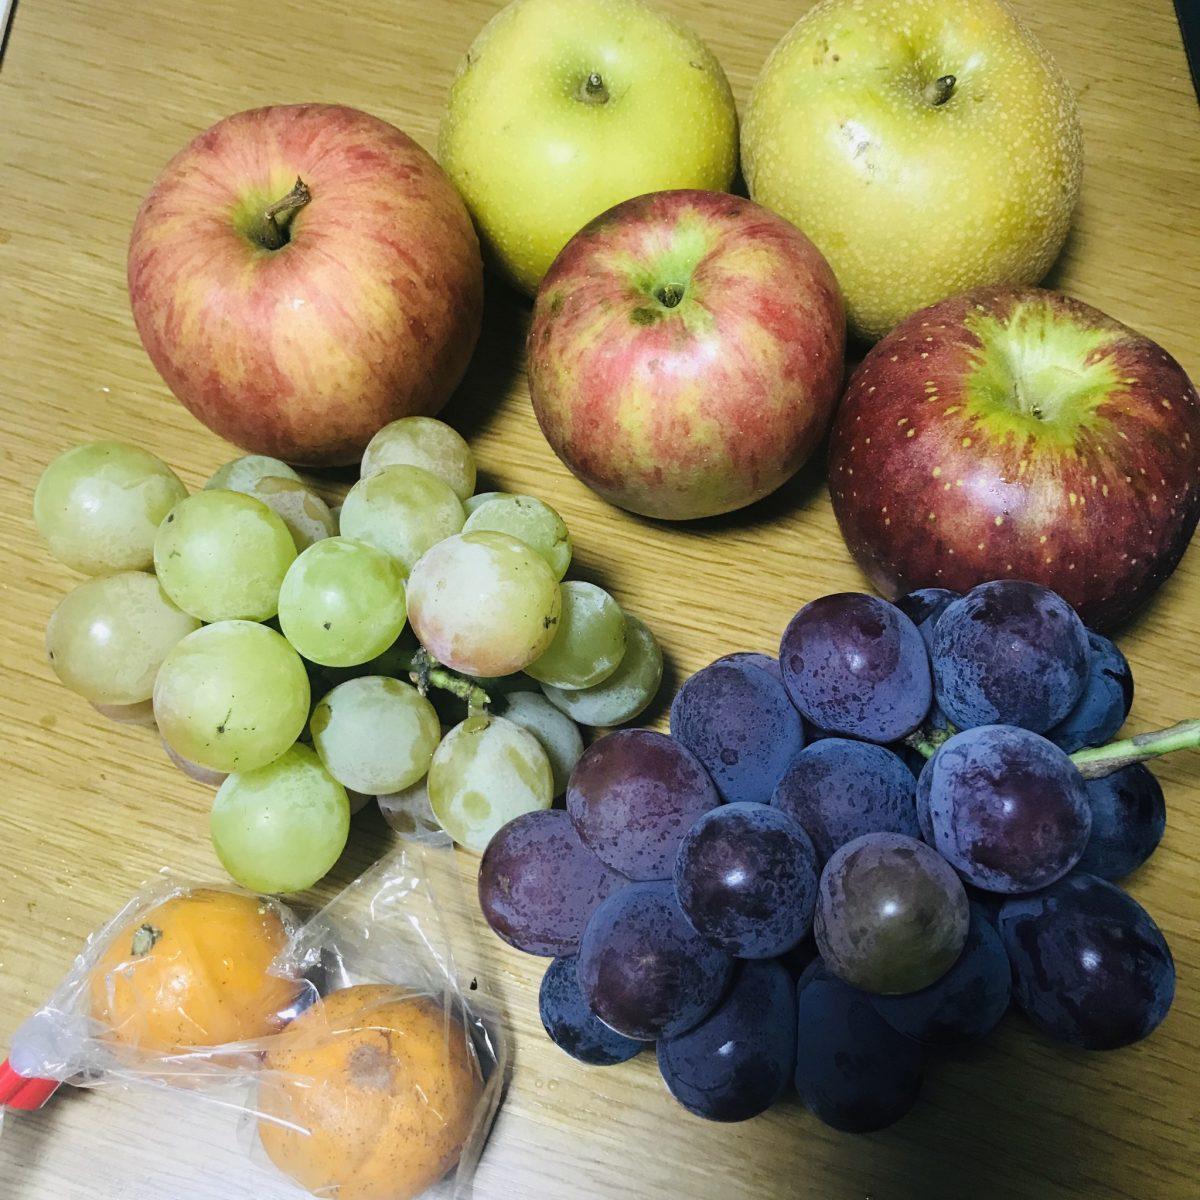 平田観光農園で秋の果物狩り♪【ちょうど狩り】を体験してきたin2019